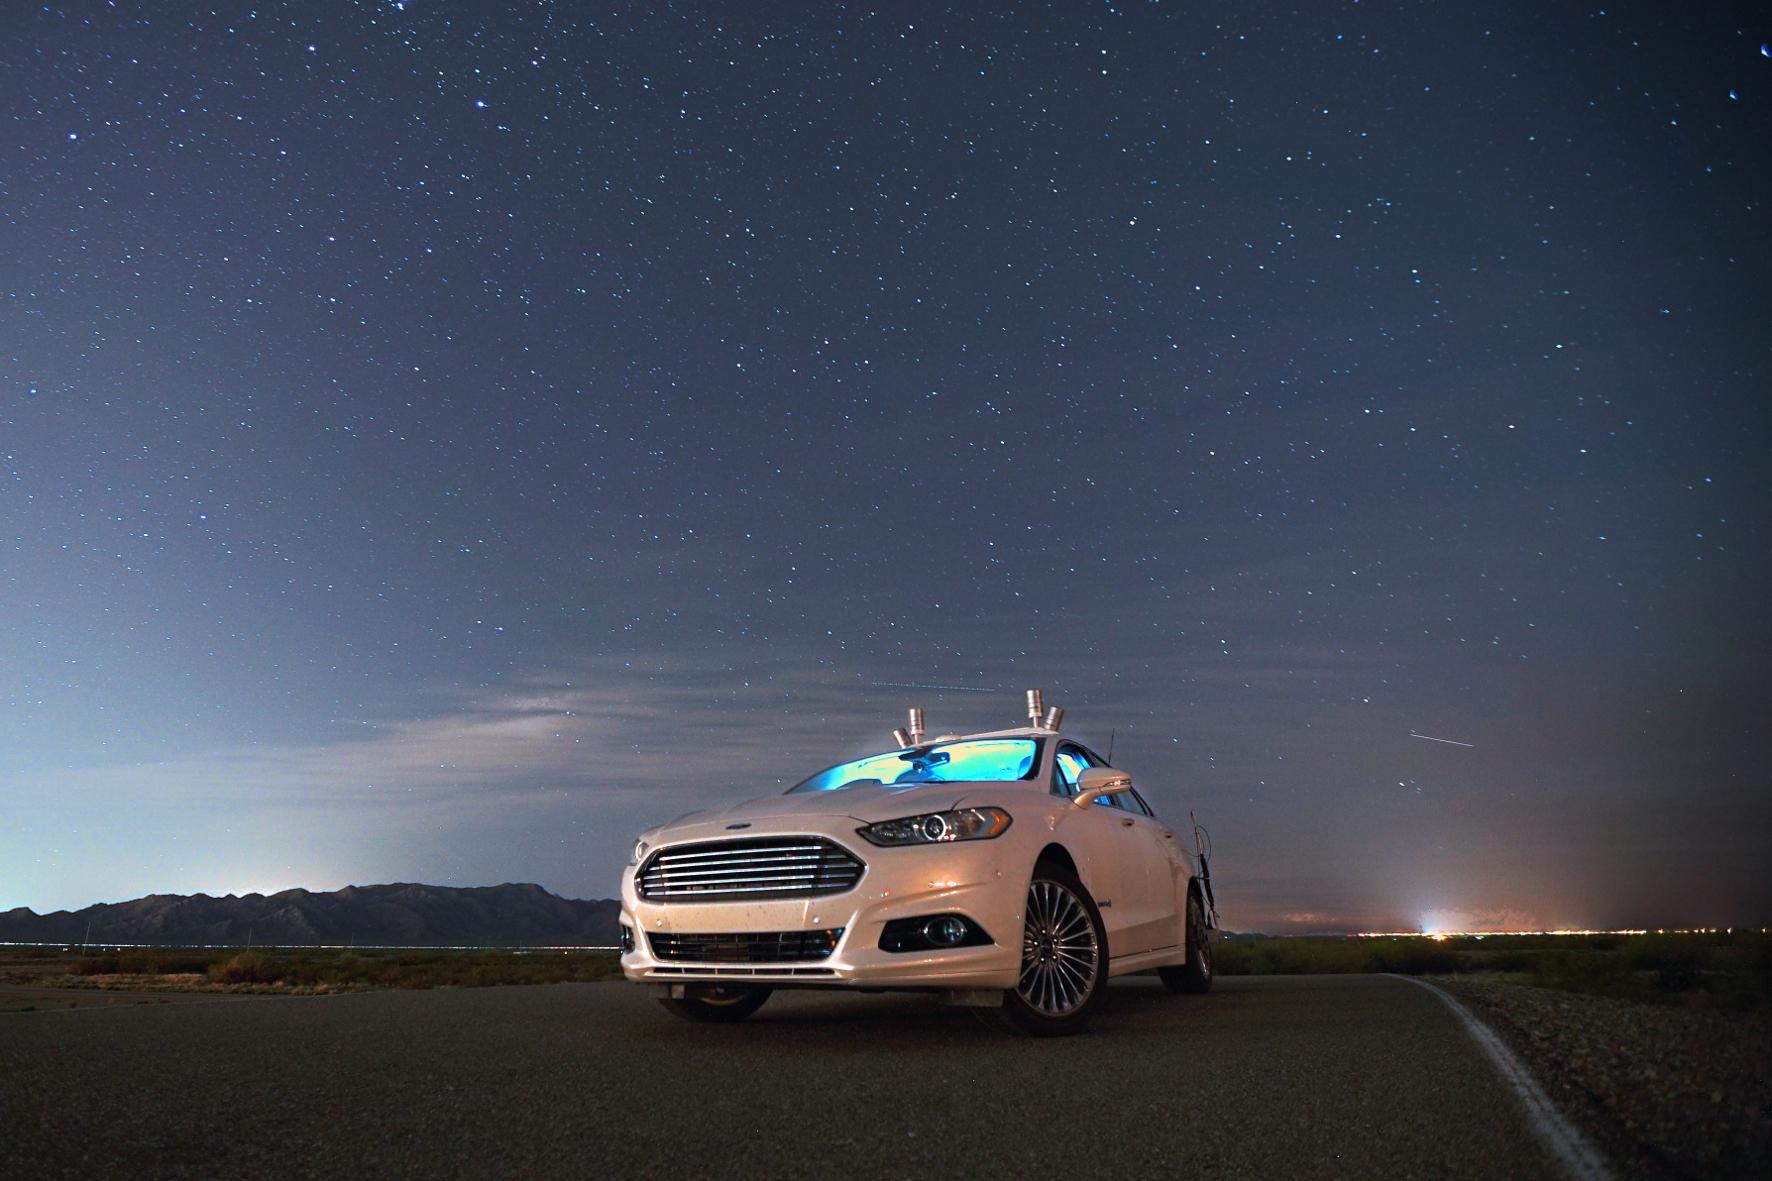 mid Groß-Gerau - Dieser autonom fahrende Ford Fusion findet dank einer Umfelderfassung mit Laserstrahlen auch bei Nacht und ohne Licht seinen Weg.